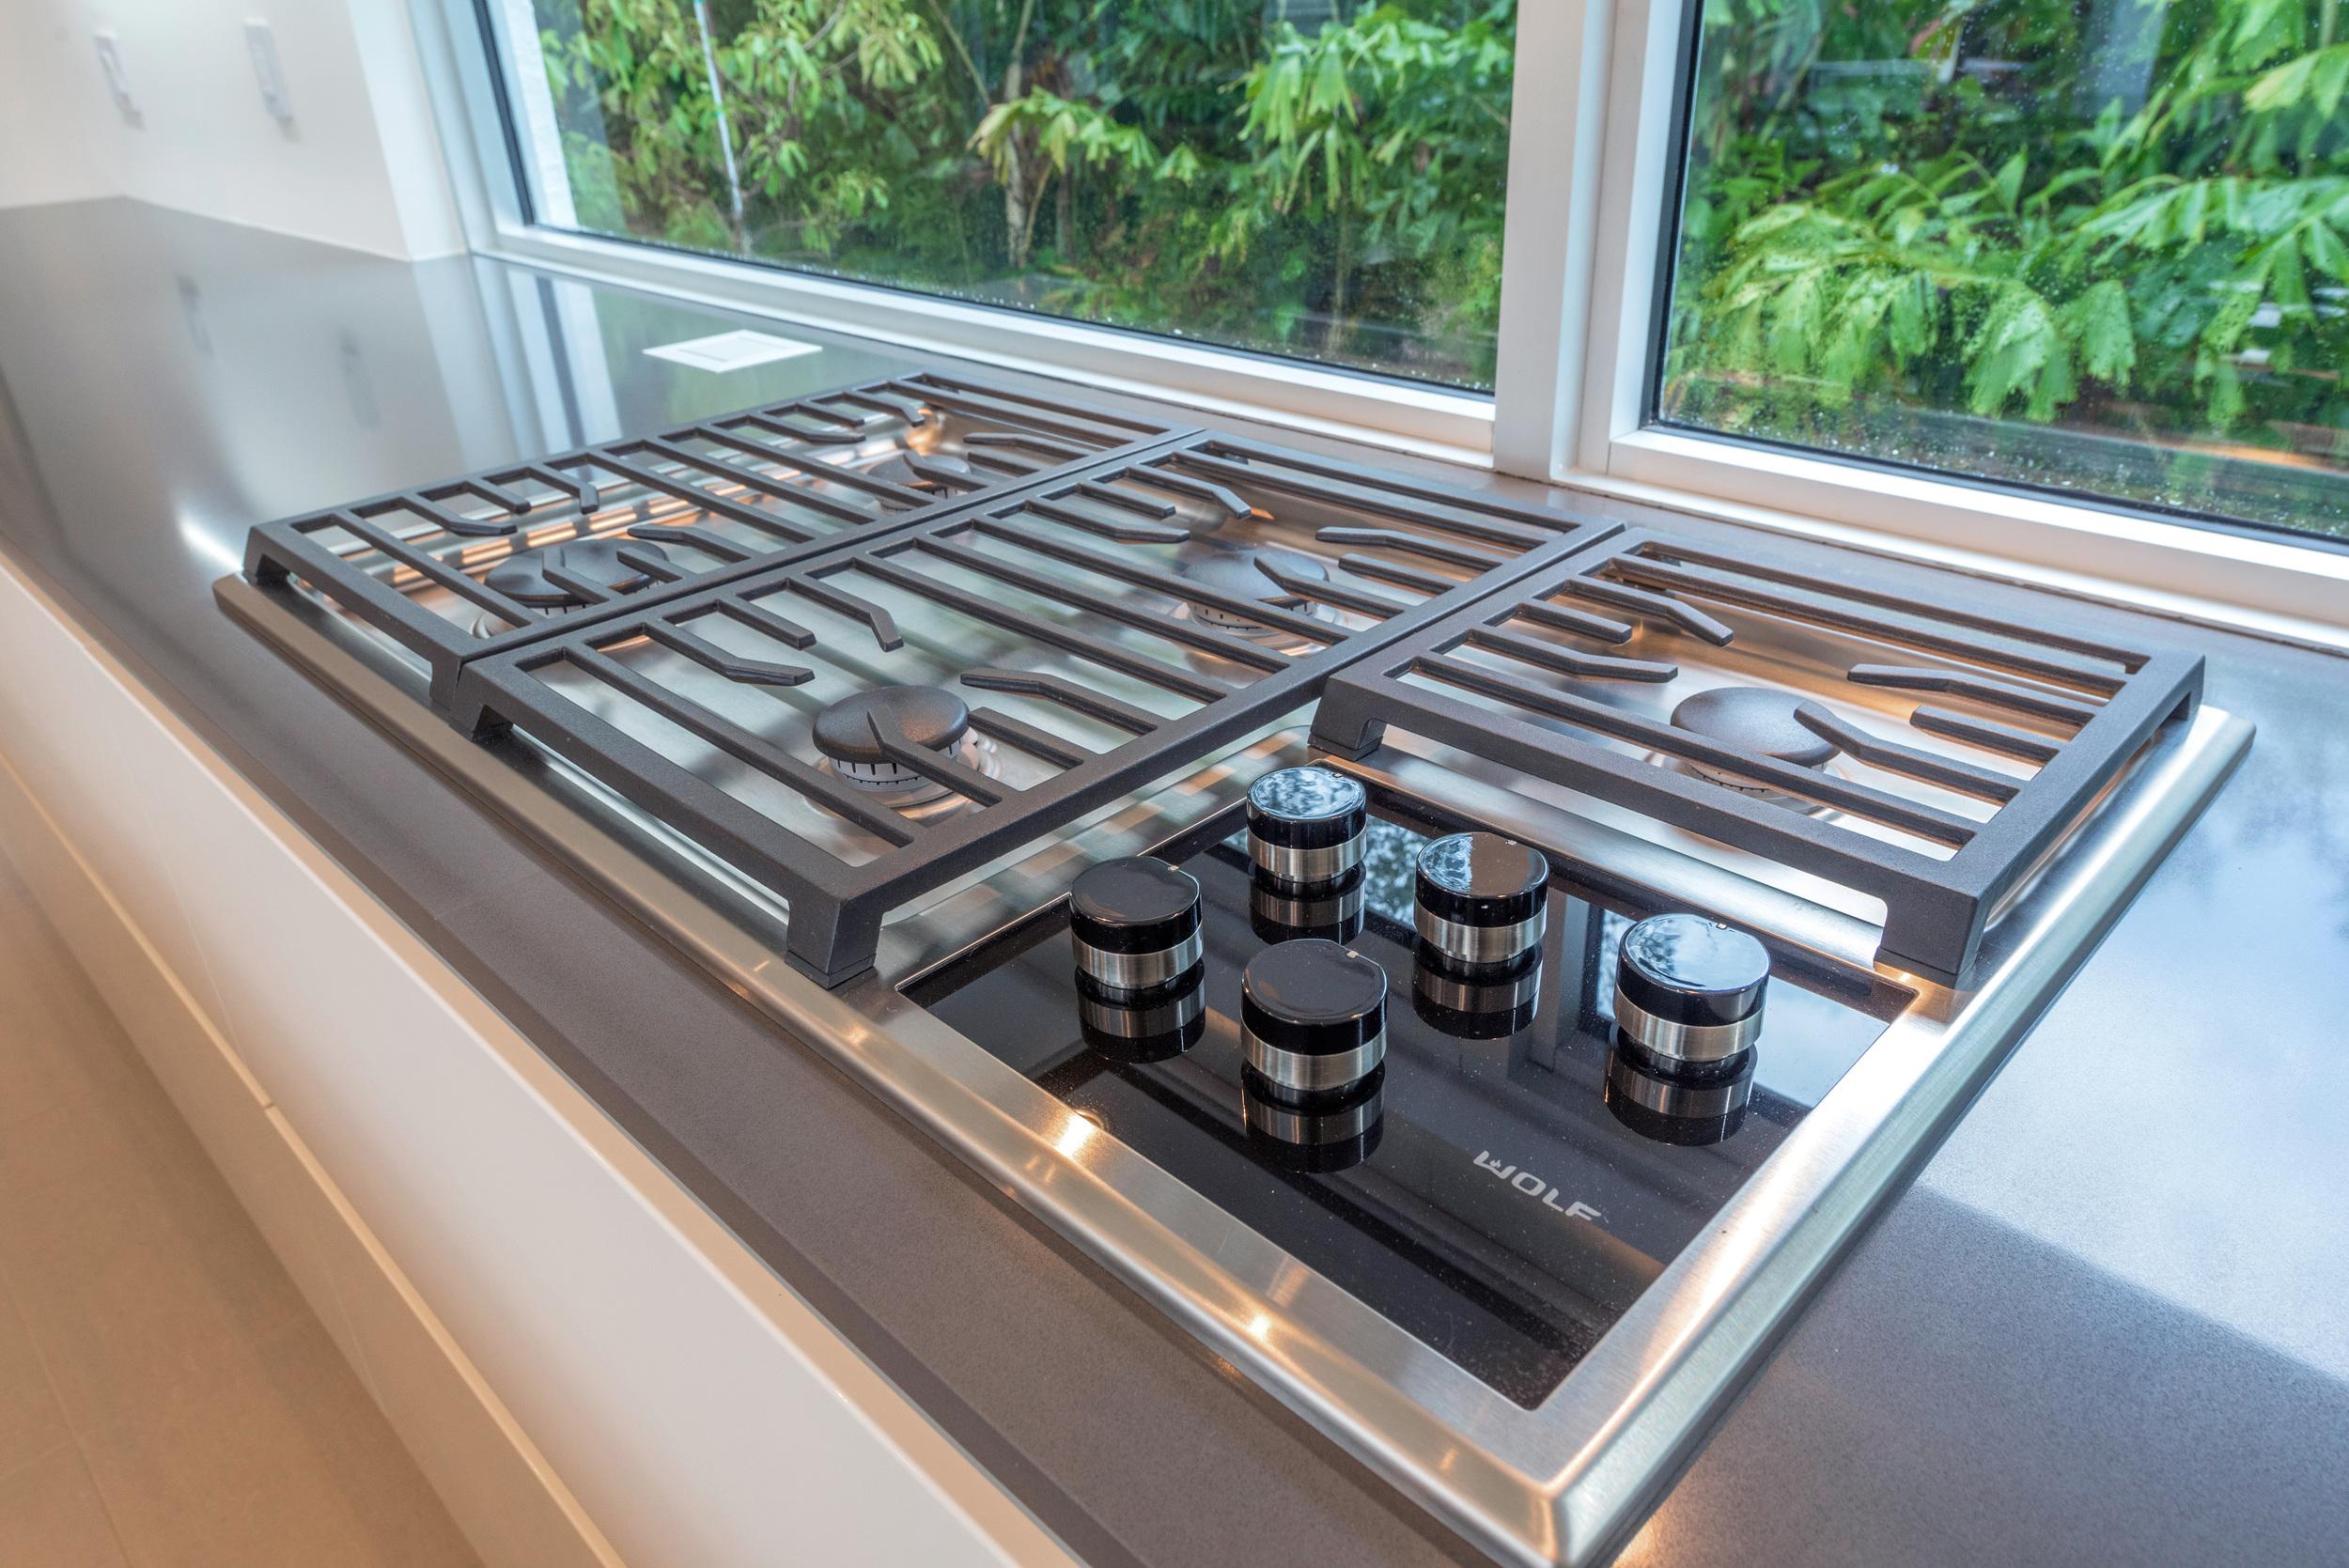 The Setting Homes Plum House Miami Florida Interior Kitchen Oven TARIS Real Estate